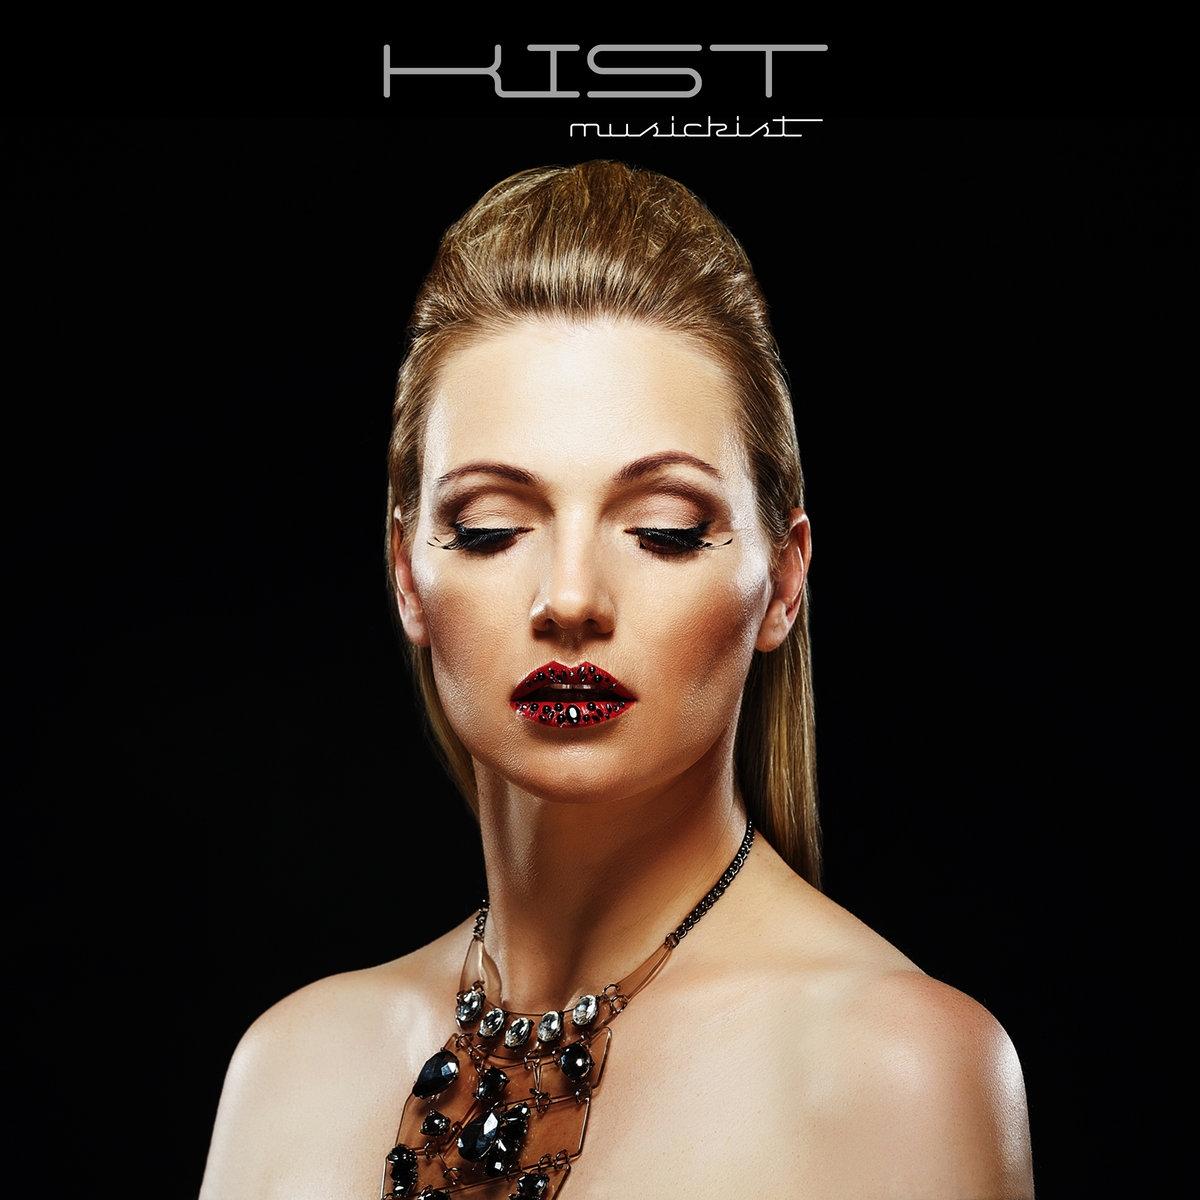 Kist, MusicKist